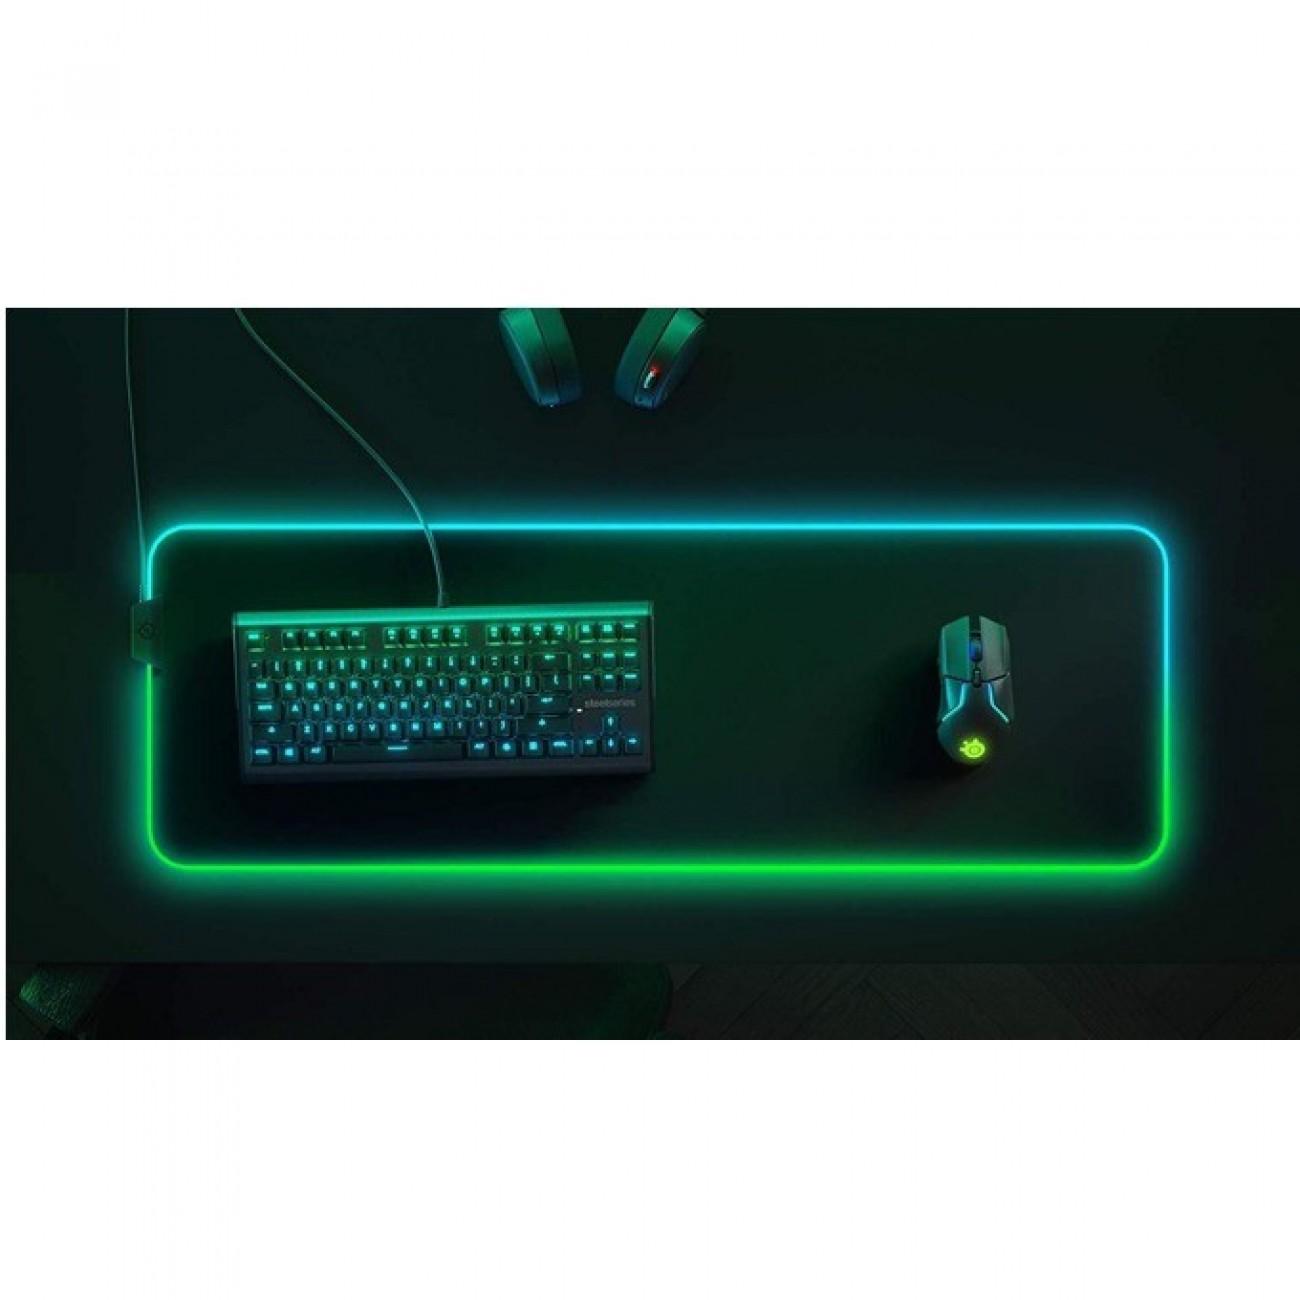 Подложка за мишка SteelSeries QcK Prism Cloth XL, със RGB подсветка, 900 mm x 300 mm x 4 mm, черна в Подложки за мишки - SteelSeries   Alleop